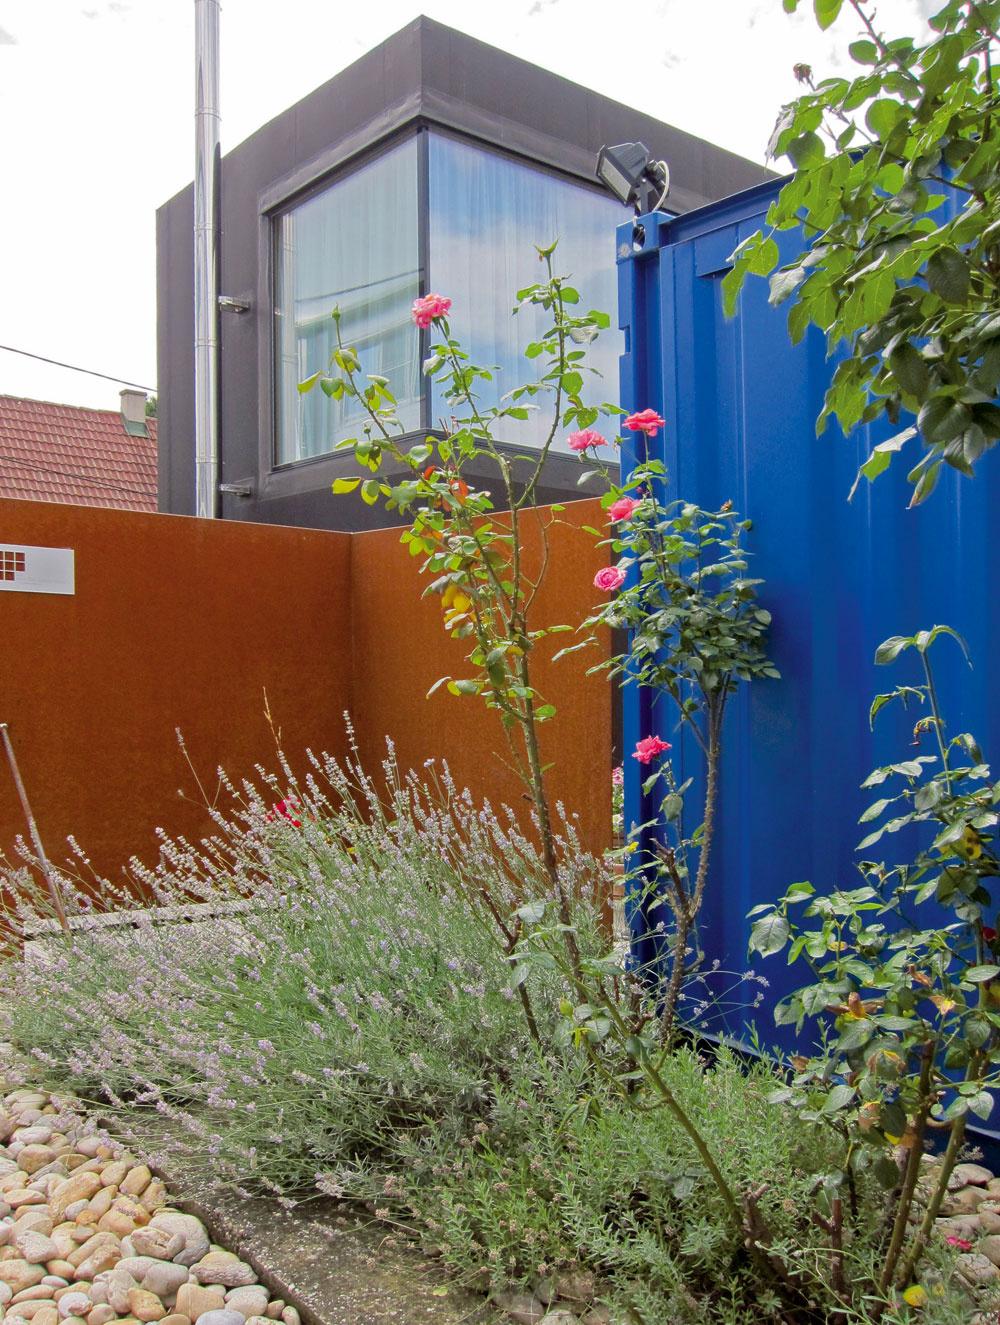 VRakúsku je zvykom oddeľovať záhradkárske oblasti od zvyšku mesta oplotením avo vnútri zóny ich pospájať sieťou súkromných uličiek. Stavbu na nárožnom pozemku chráni od ulice kovový plot so skorodovaným povrchom, ktorý svojou farebnosťou zaujímavo kontrastuje sjej čiernou fasádou. Keďže veľkú časť južného priečelia tvorí na prízemí zasklená stena, plné tabule oplotenia mali poskytnúť pocit intimity jednak vzáhrade, jednak vdome.